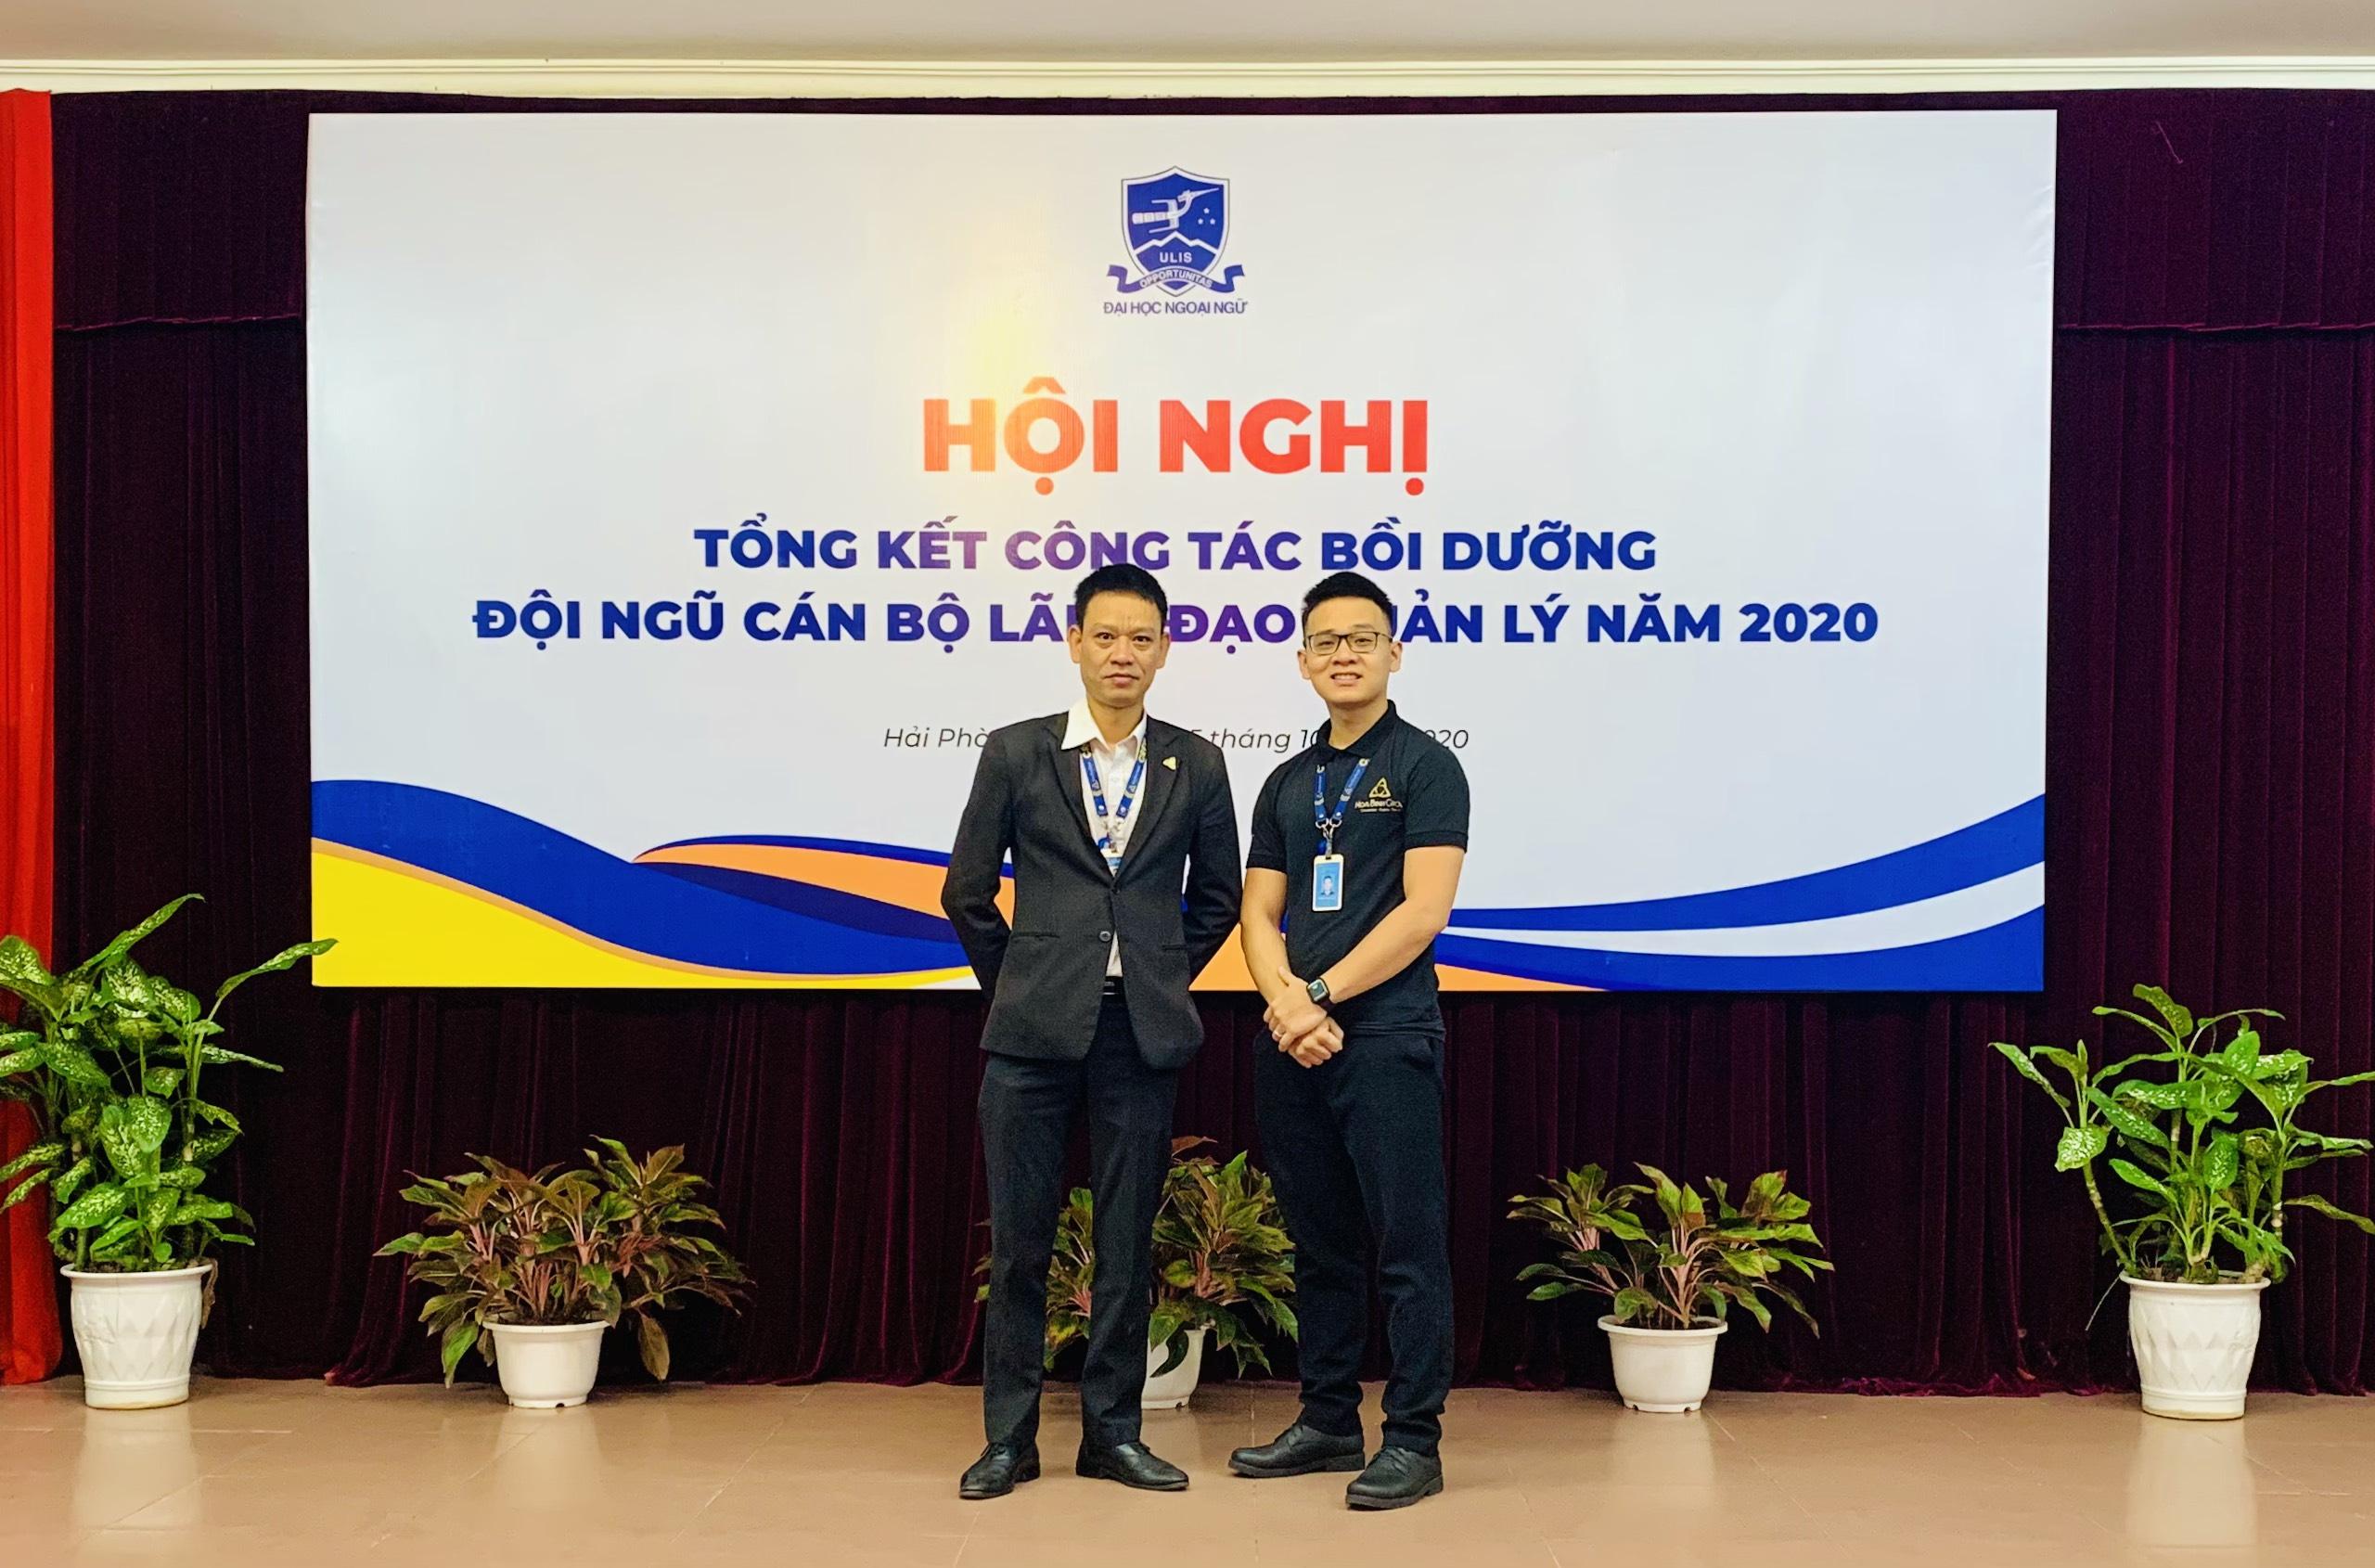 Trường DHNN - Hội nghị tổng kết công tác bồi dưỡng đội ngũ cán bộ lãnh đạo quản lý năm 2020